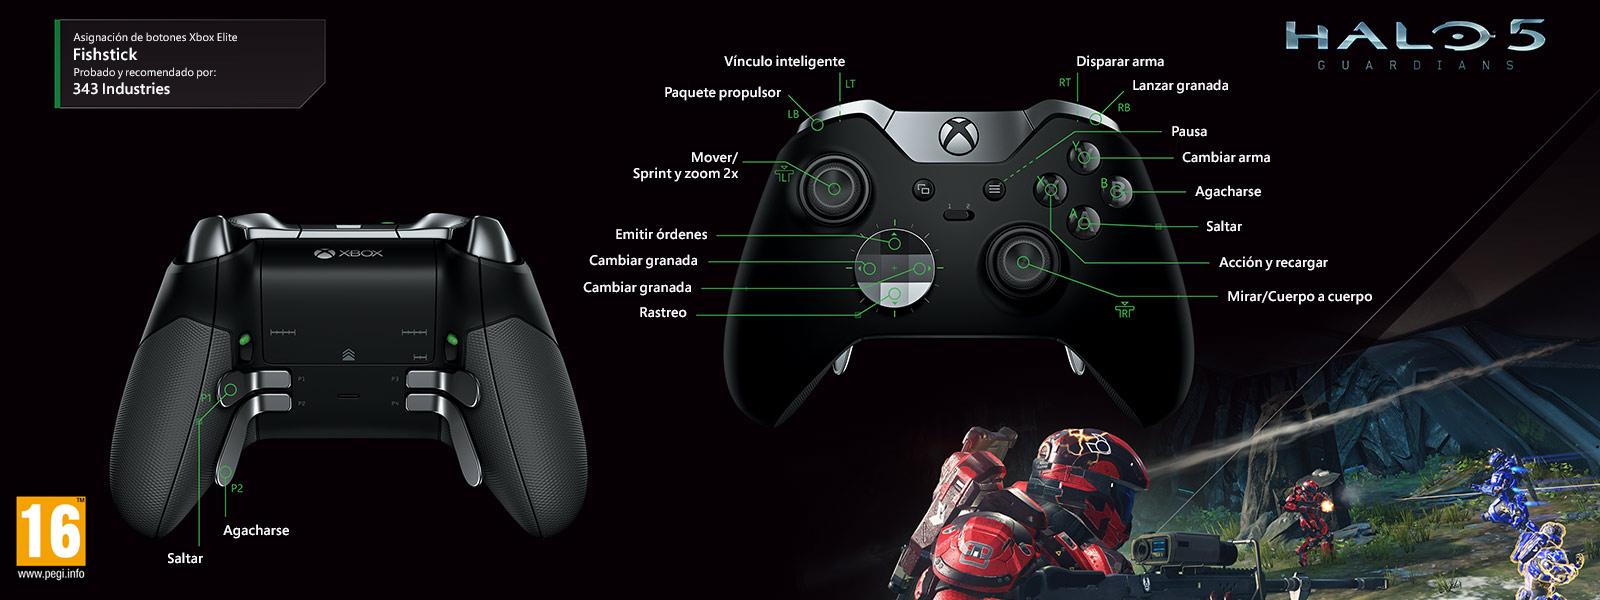 Halo 5: Fishstick (asignación de funciones del mando Elite)